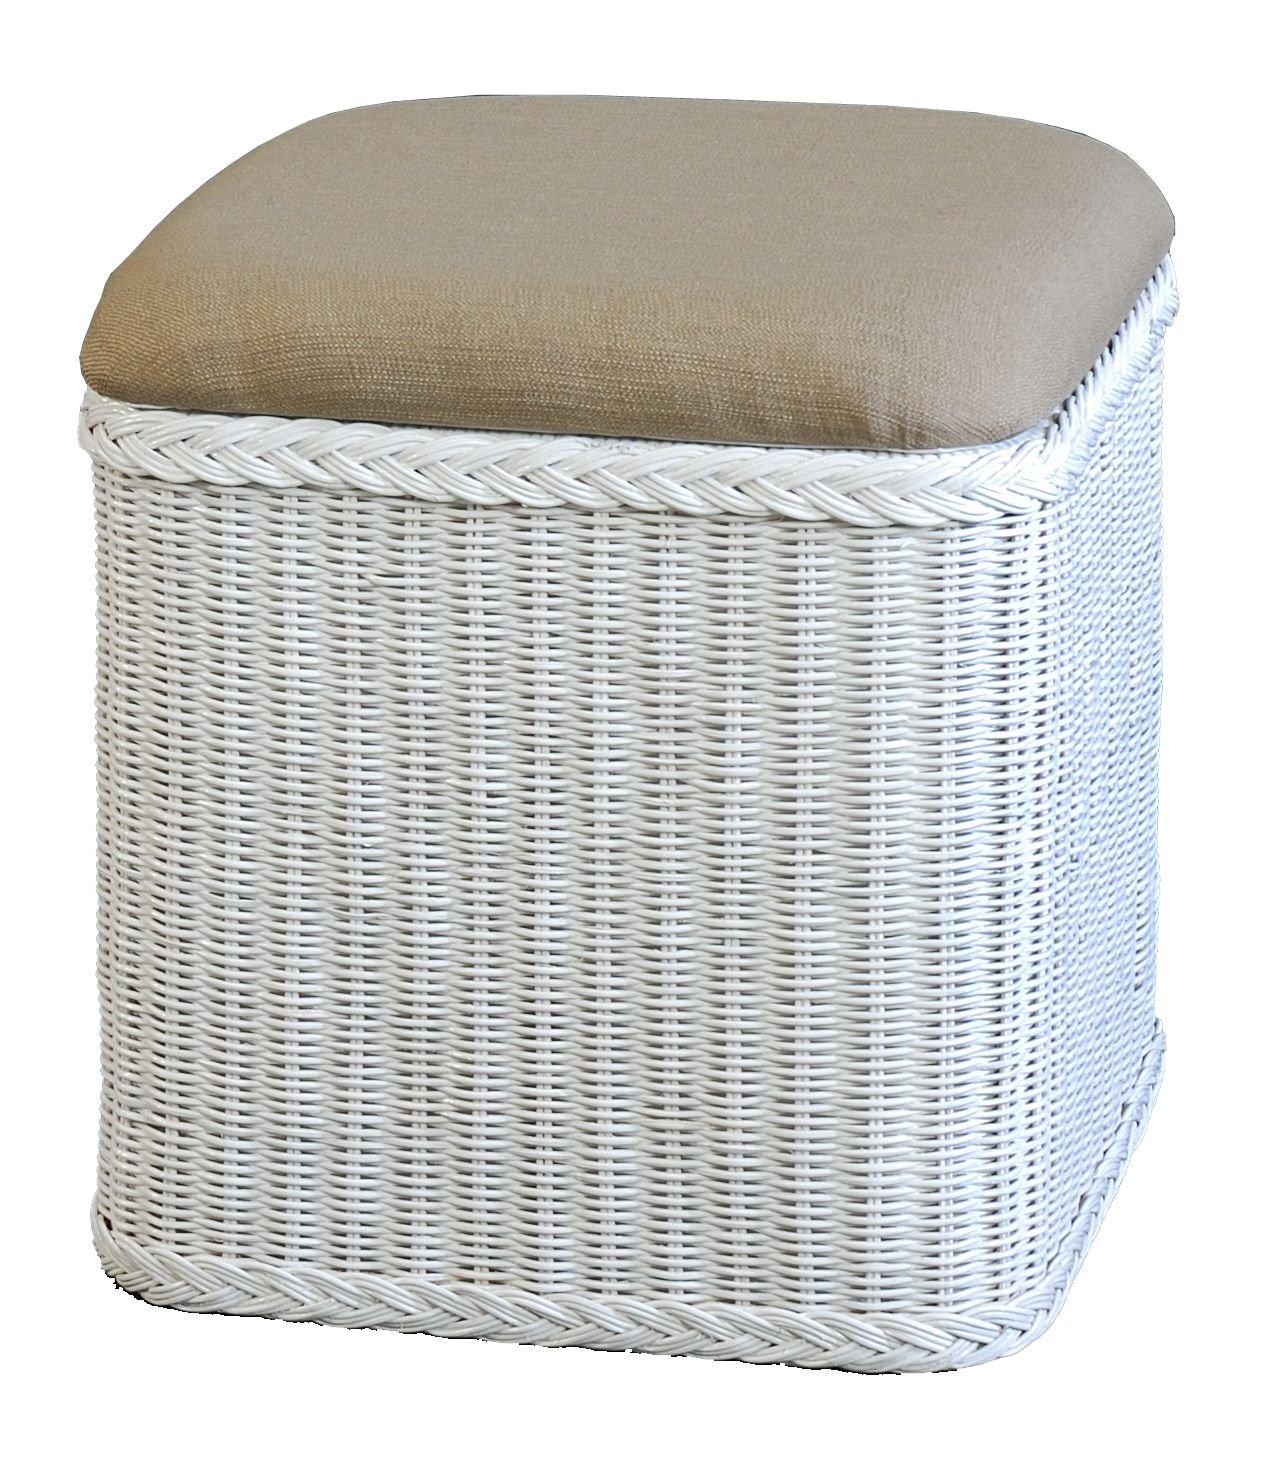 w schekorb mit sitzfl che my blog. Black Bedroom Furniture Sets. Home Design Ideas